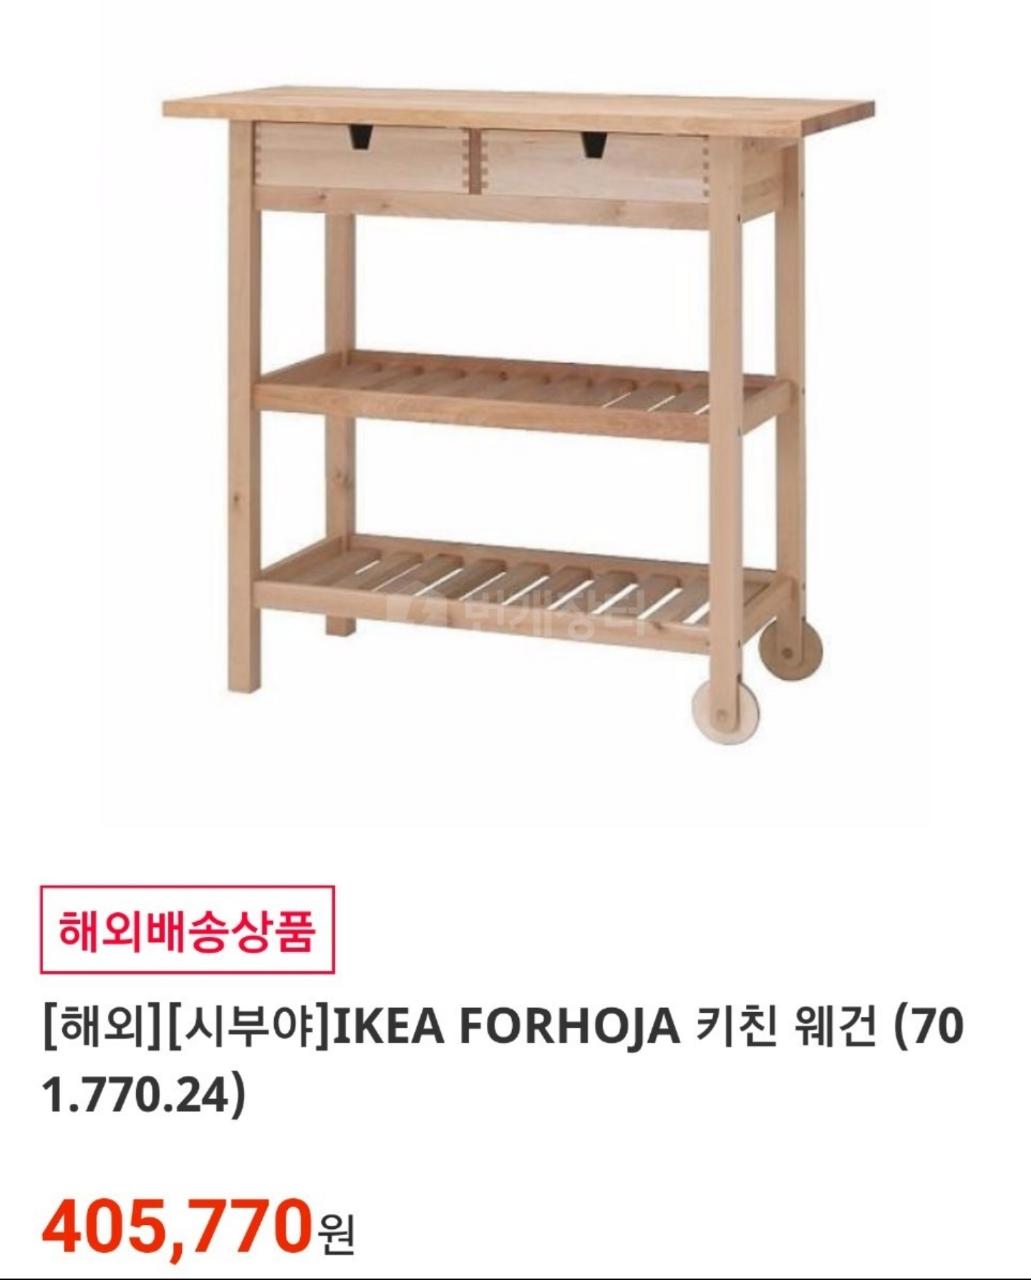 이케아 푀르회야 원목트롤리, 웨건형태 주방 보조식탁, 테이블 판매